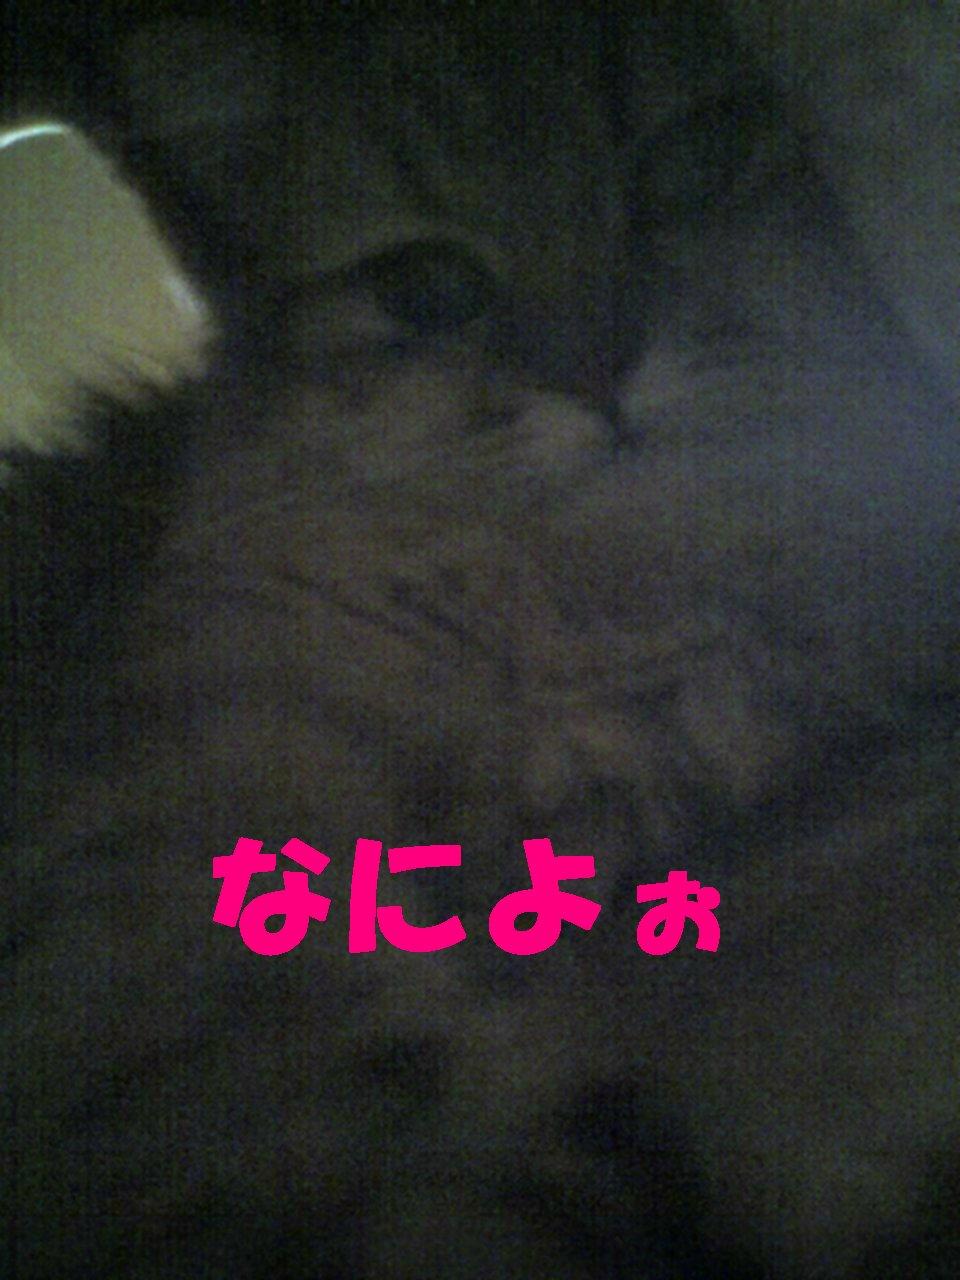 PAP_0158_sh01.jpg